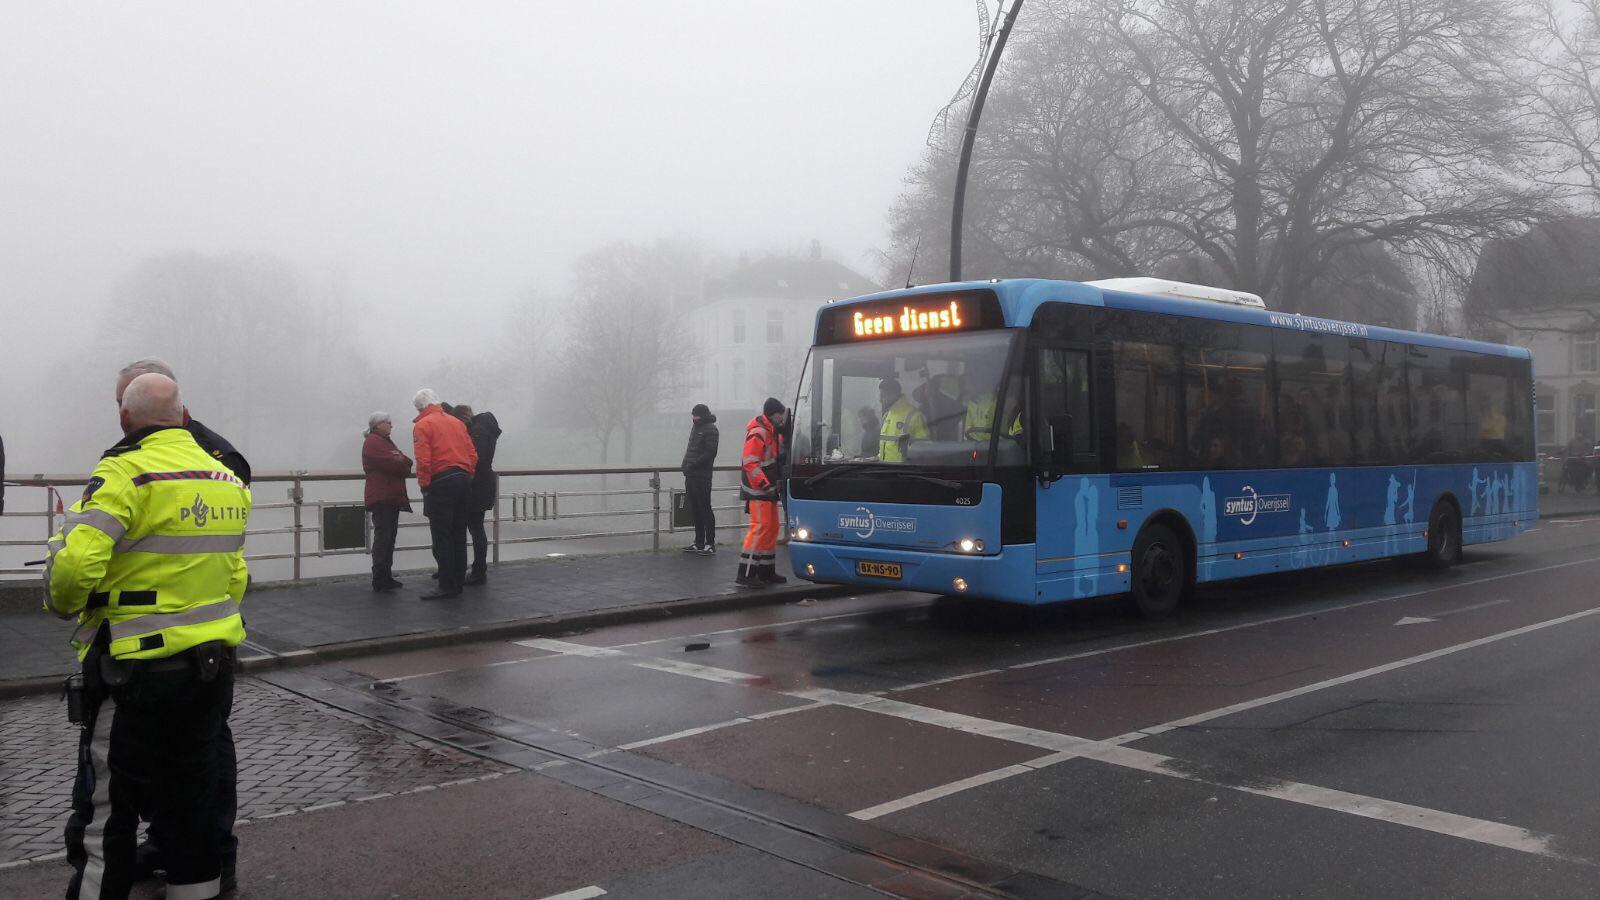 Evacués worden in deze stadsbus opgevangen. Zij worden voorzien van wat eten en drinken.